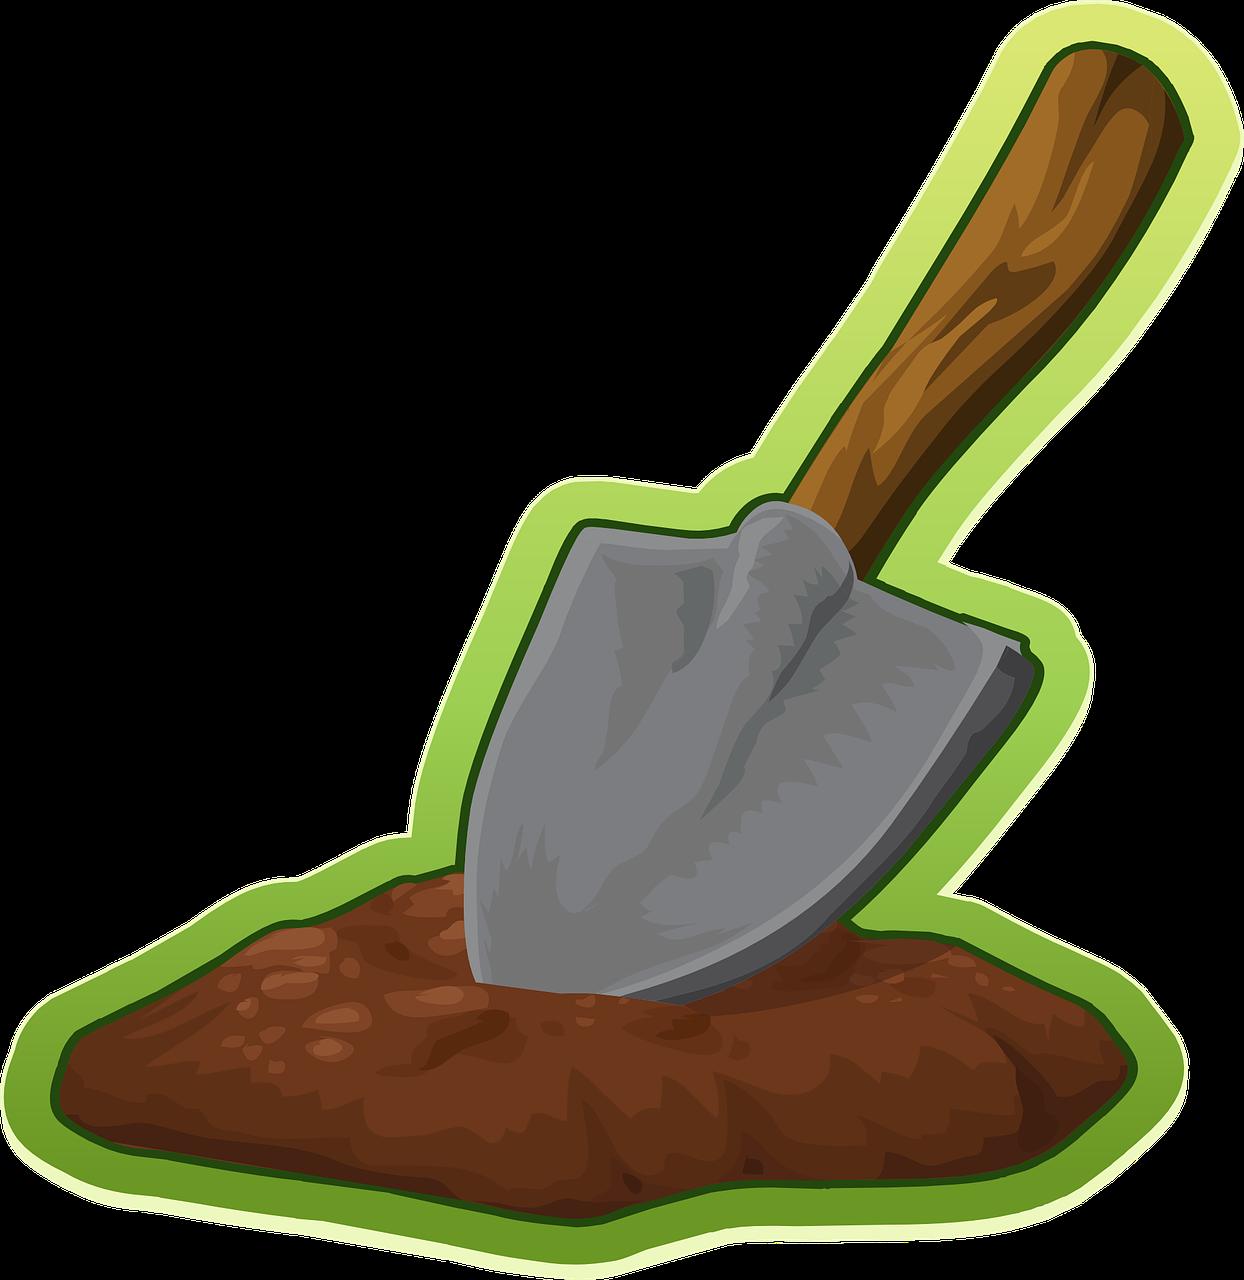 Shovel Trowel Digging - Free vector graphic on Pixabay